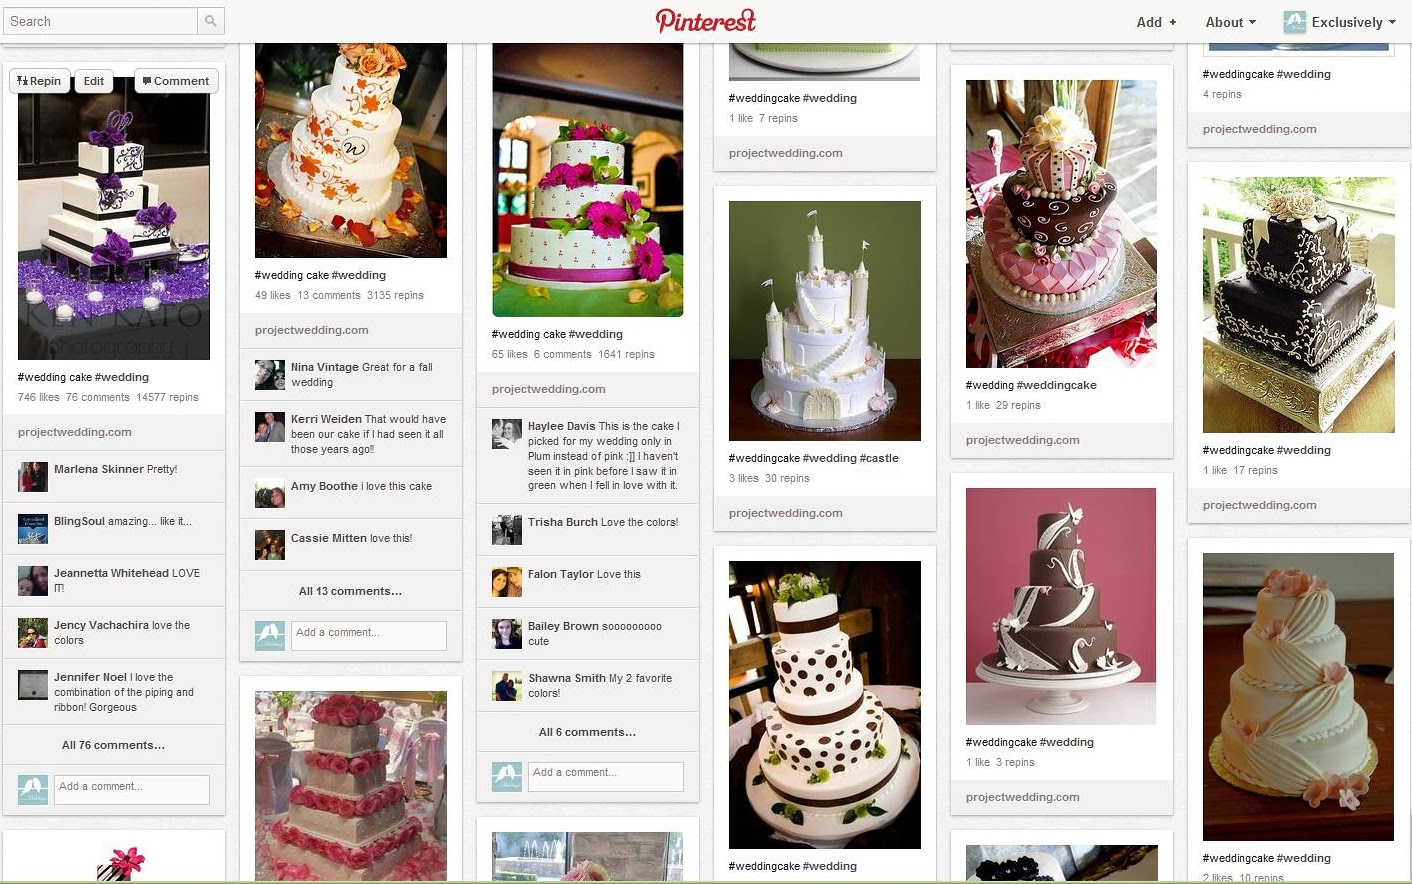 Purple Black Cake on Pinterest